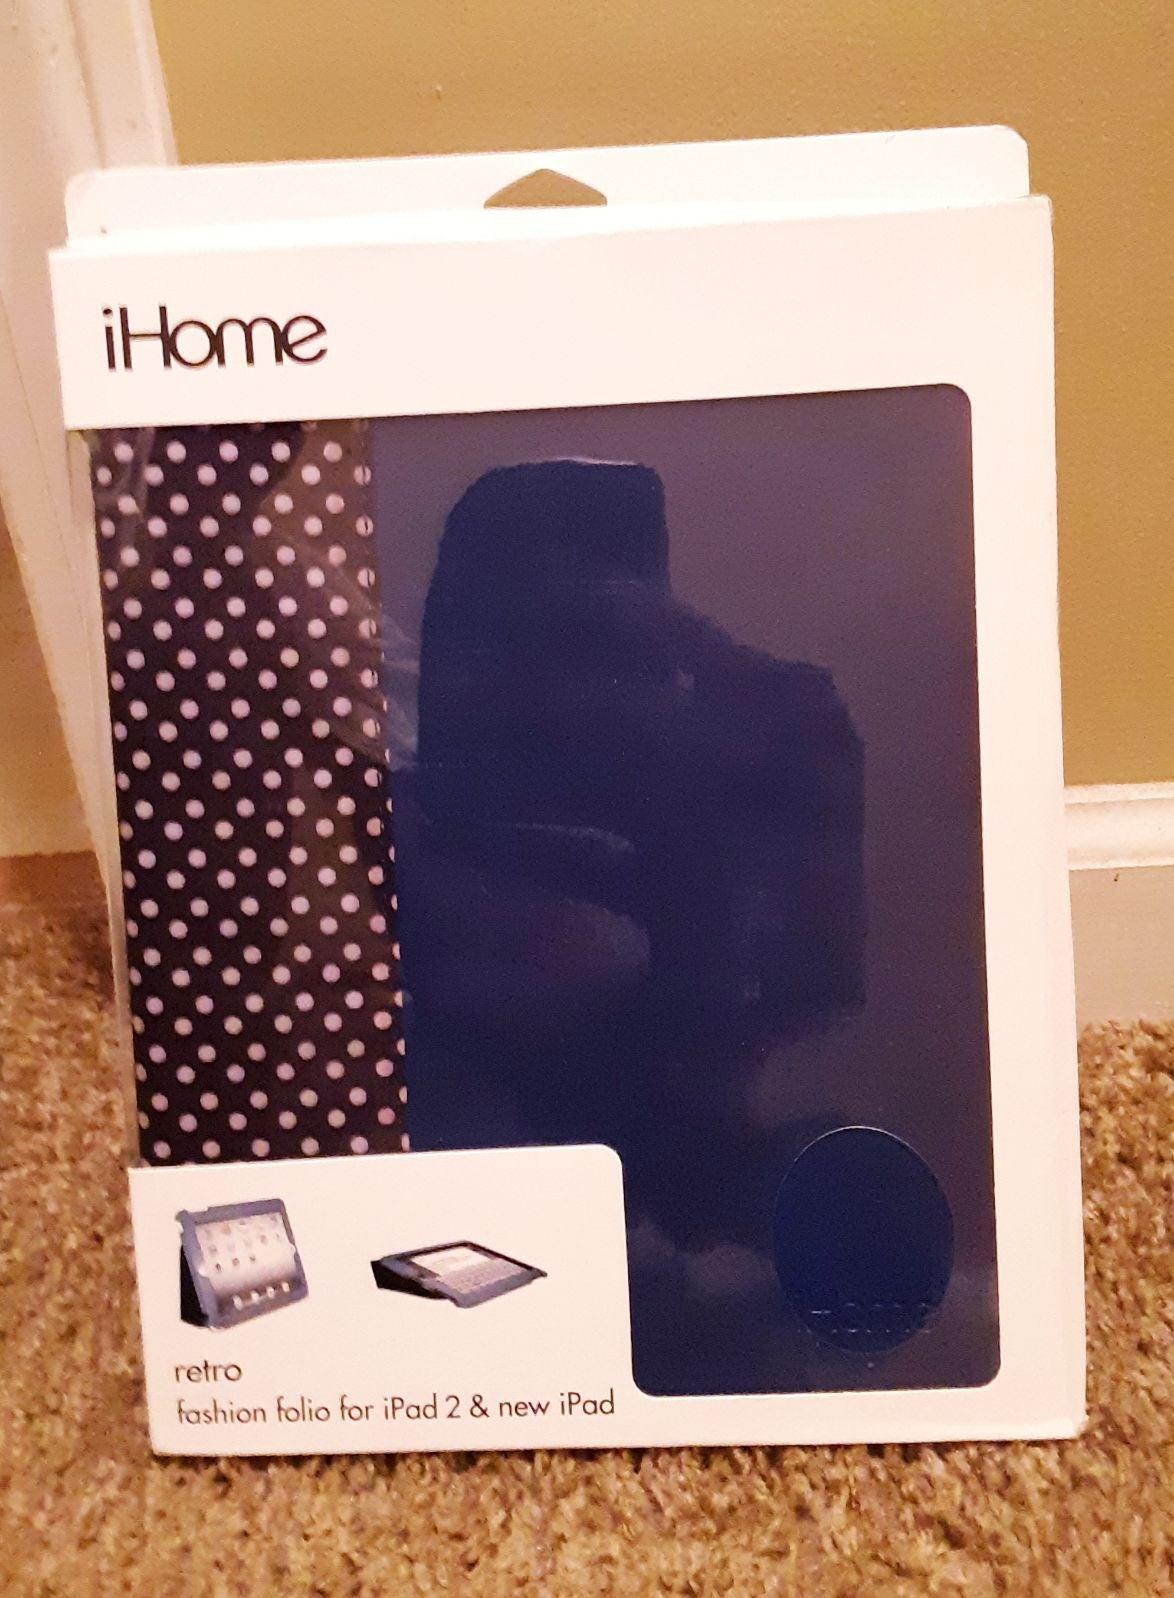 iHome Retro Fashion Folio Case for iPad2